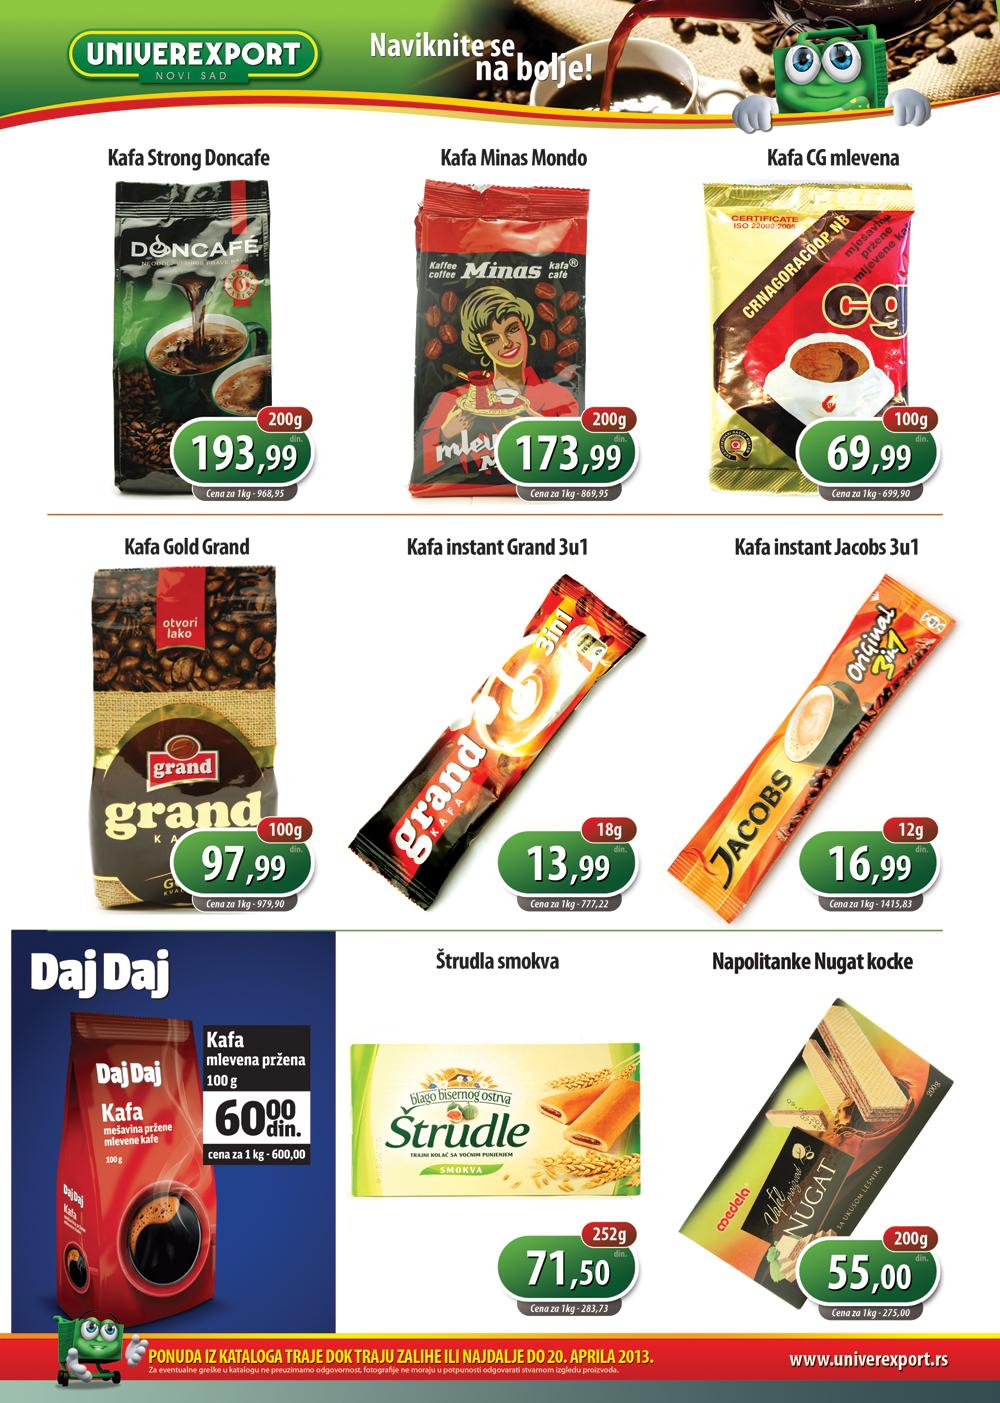 Univerexport Katalog Akcijska ponuda